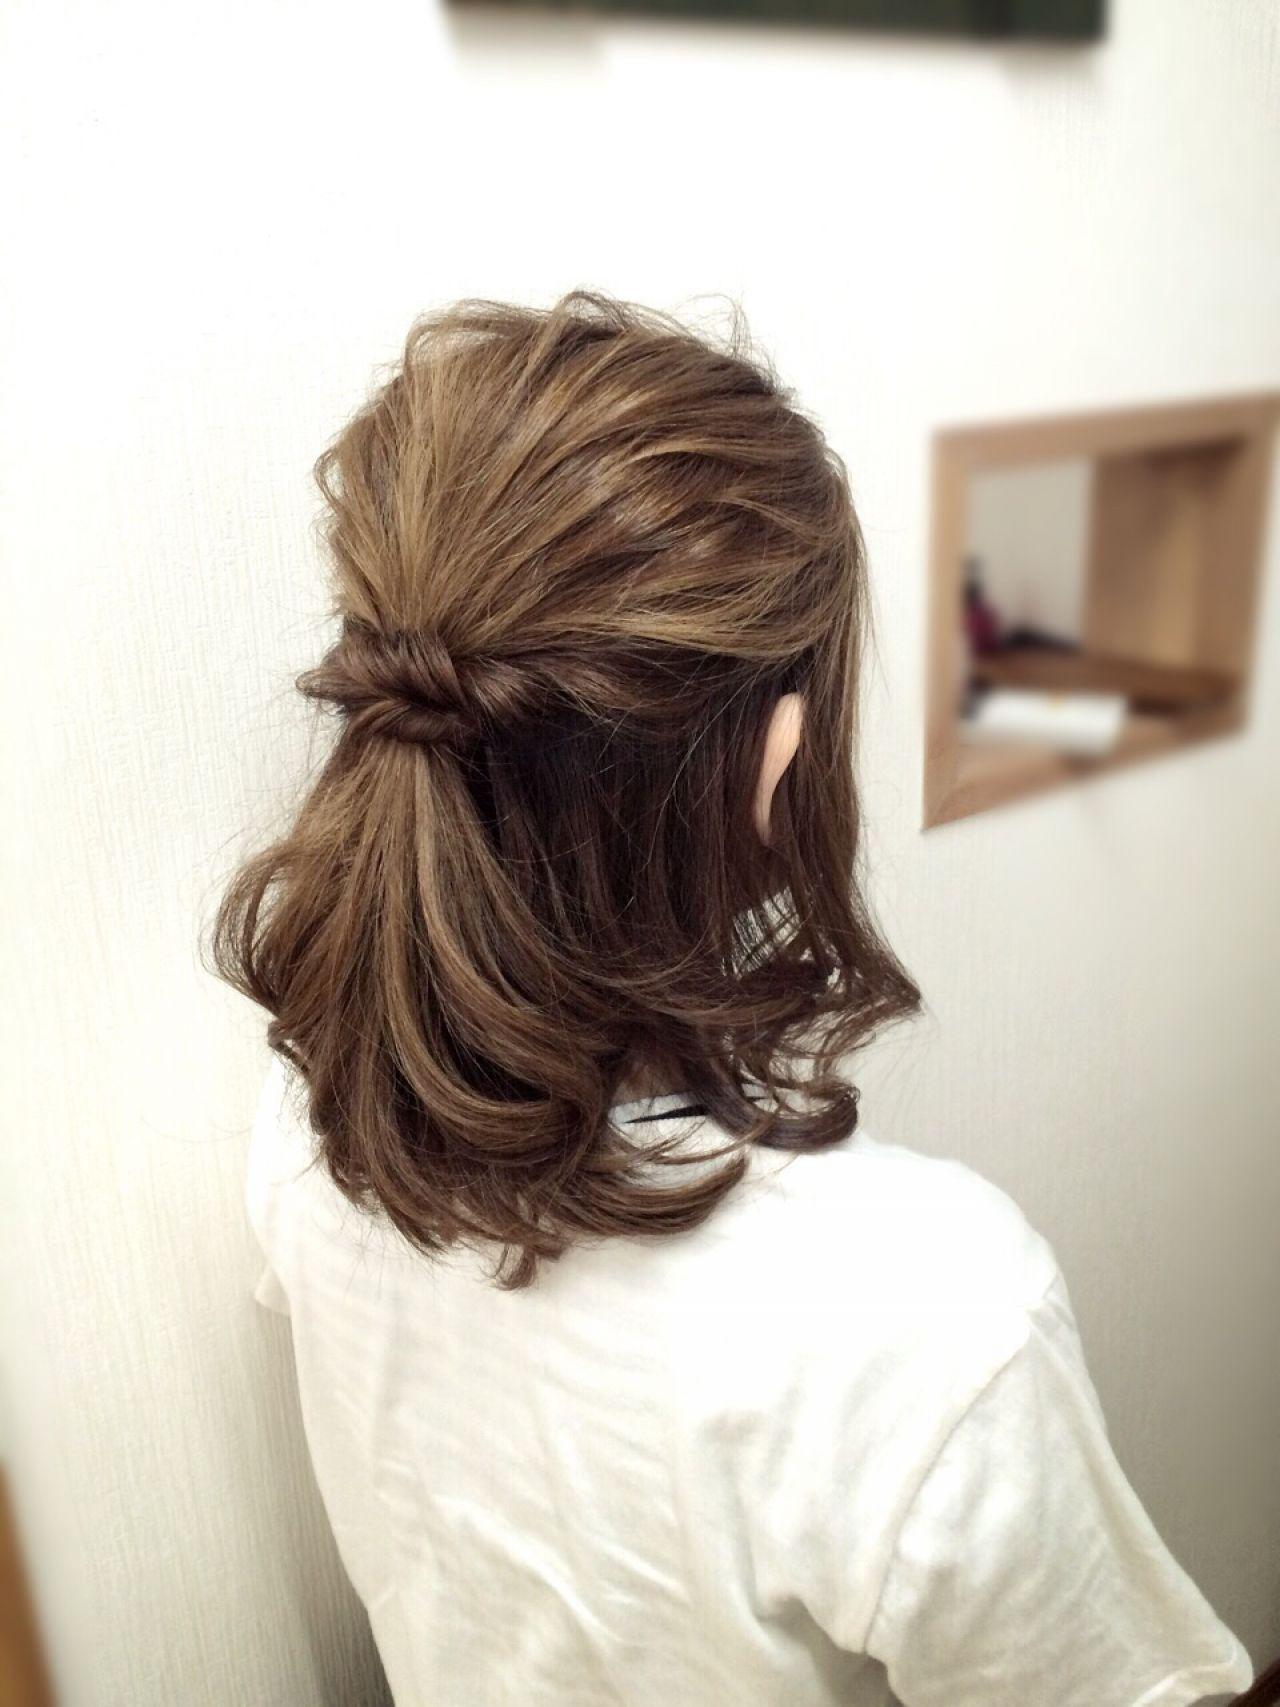 カールしたクルクルの髪にハーフアップをします。サイドの髪をねじってクロスさせて留めたヘアスタイル。後れ毛を少し多めにするとかわいいヘアスタイル完成!